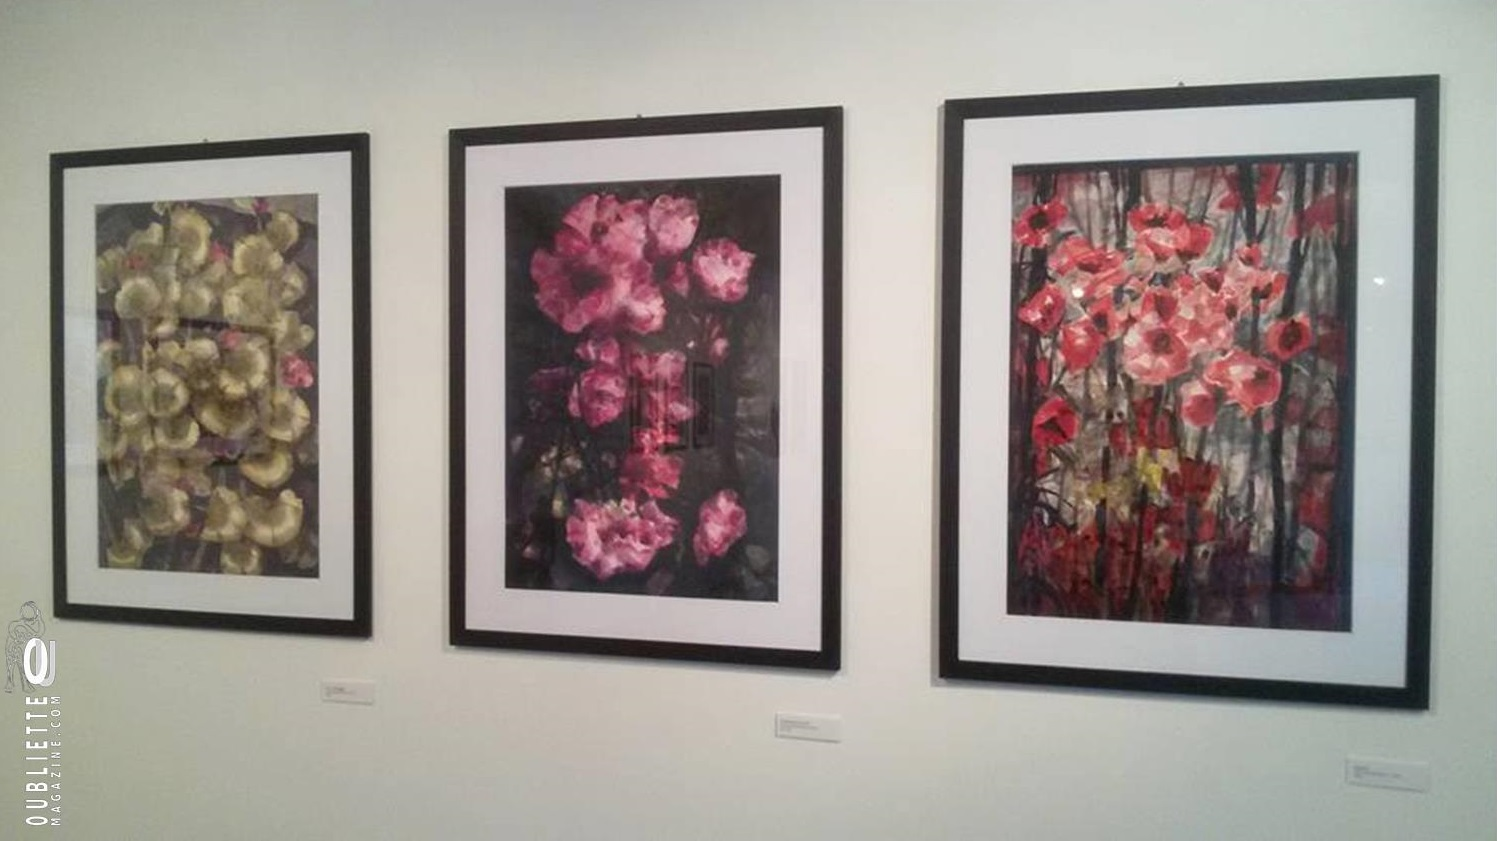 L'omaggio di Padova a Primo Pegoraro: dal 27 giugno al 26 luglio 2015 i suoi quadri esposti in Galleria Cavour